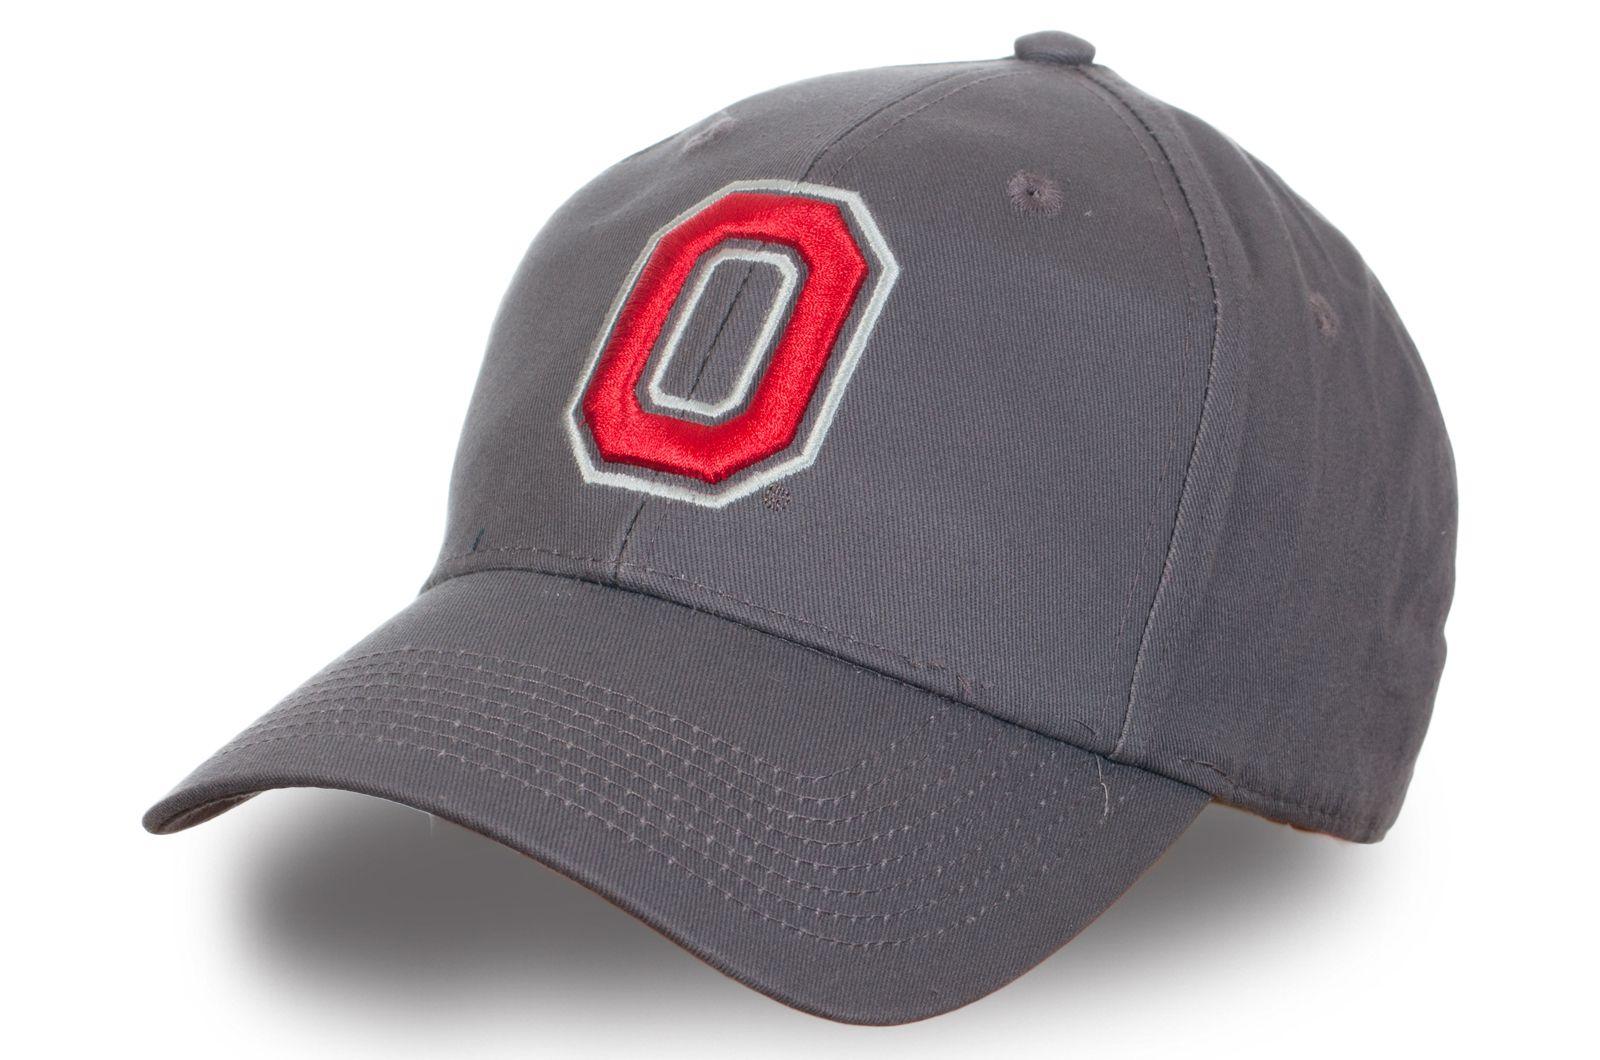 Серая бейсболка Ohio State - купить недорого с доставкой